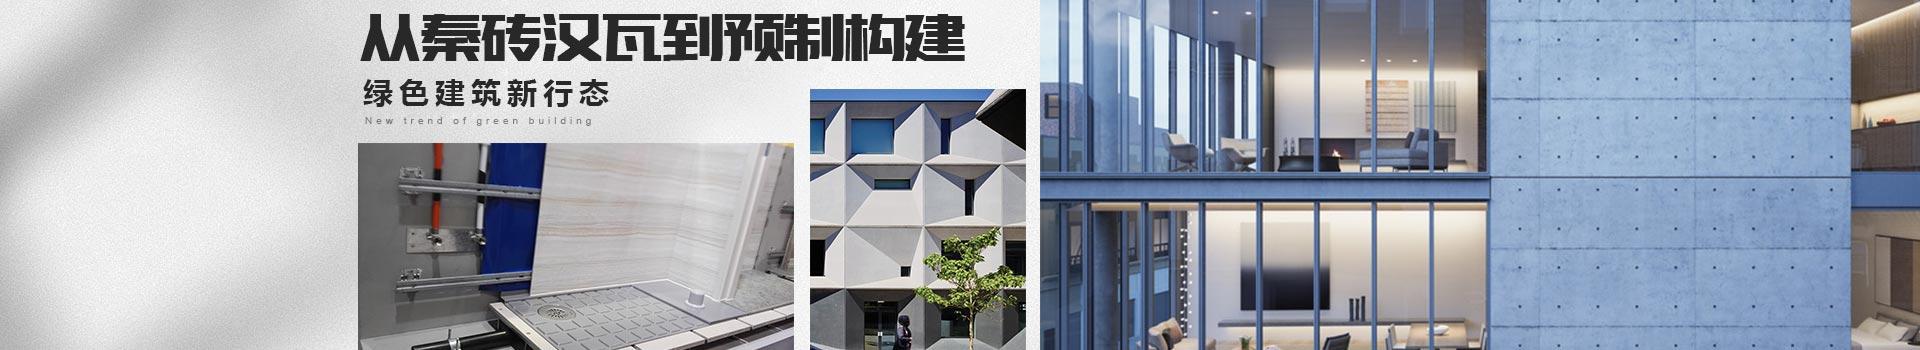 景典-绿色建筑新行态